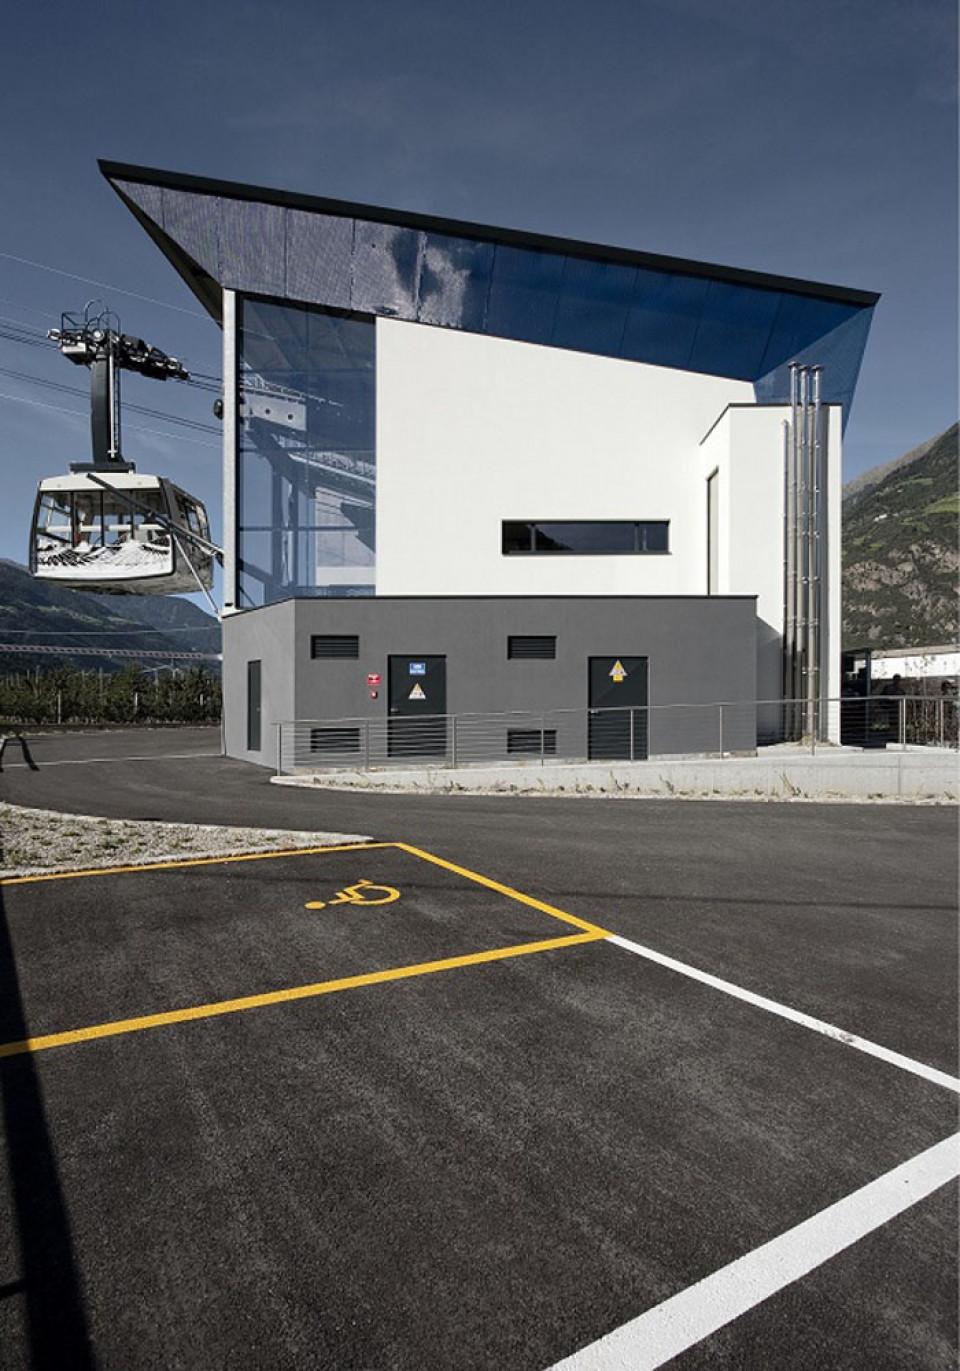 Seilbahn Aschbach, Vigiljoch, Algund, Architects Willeit Niederstaetter